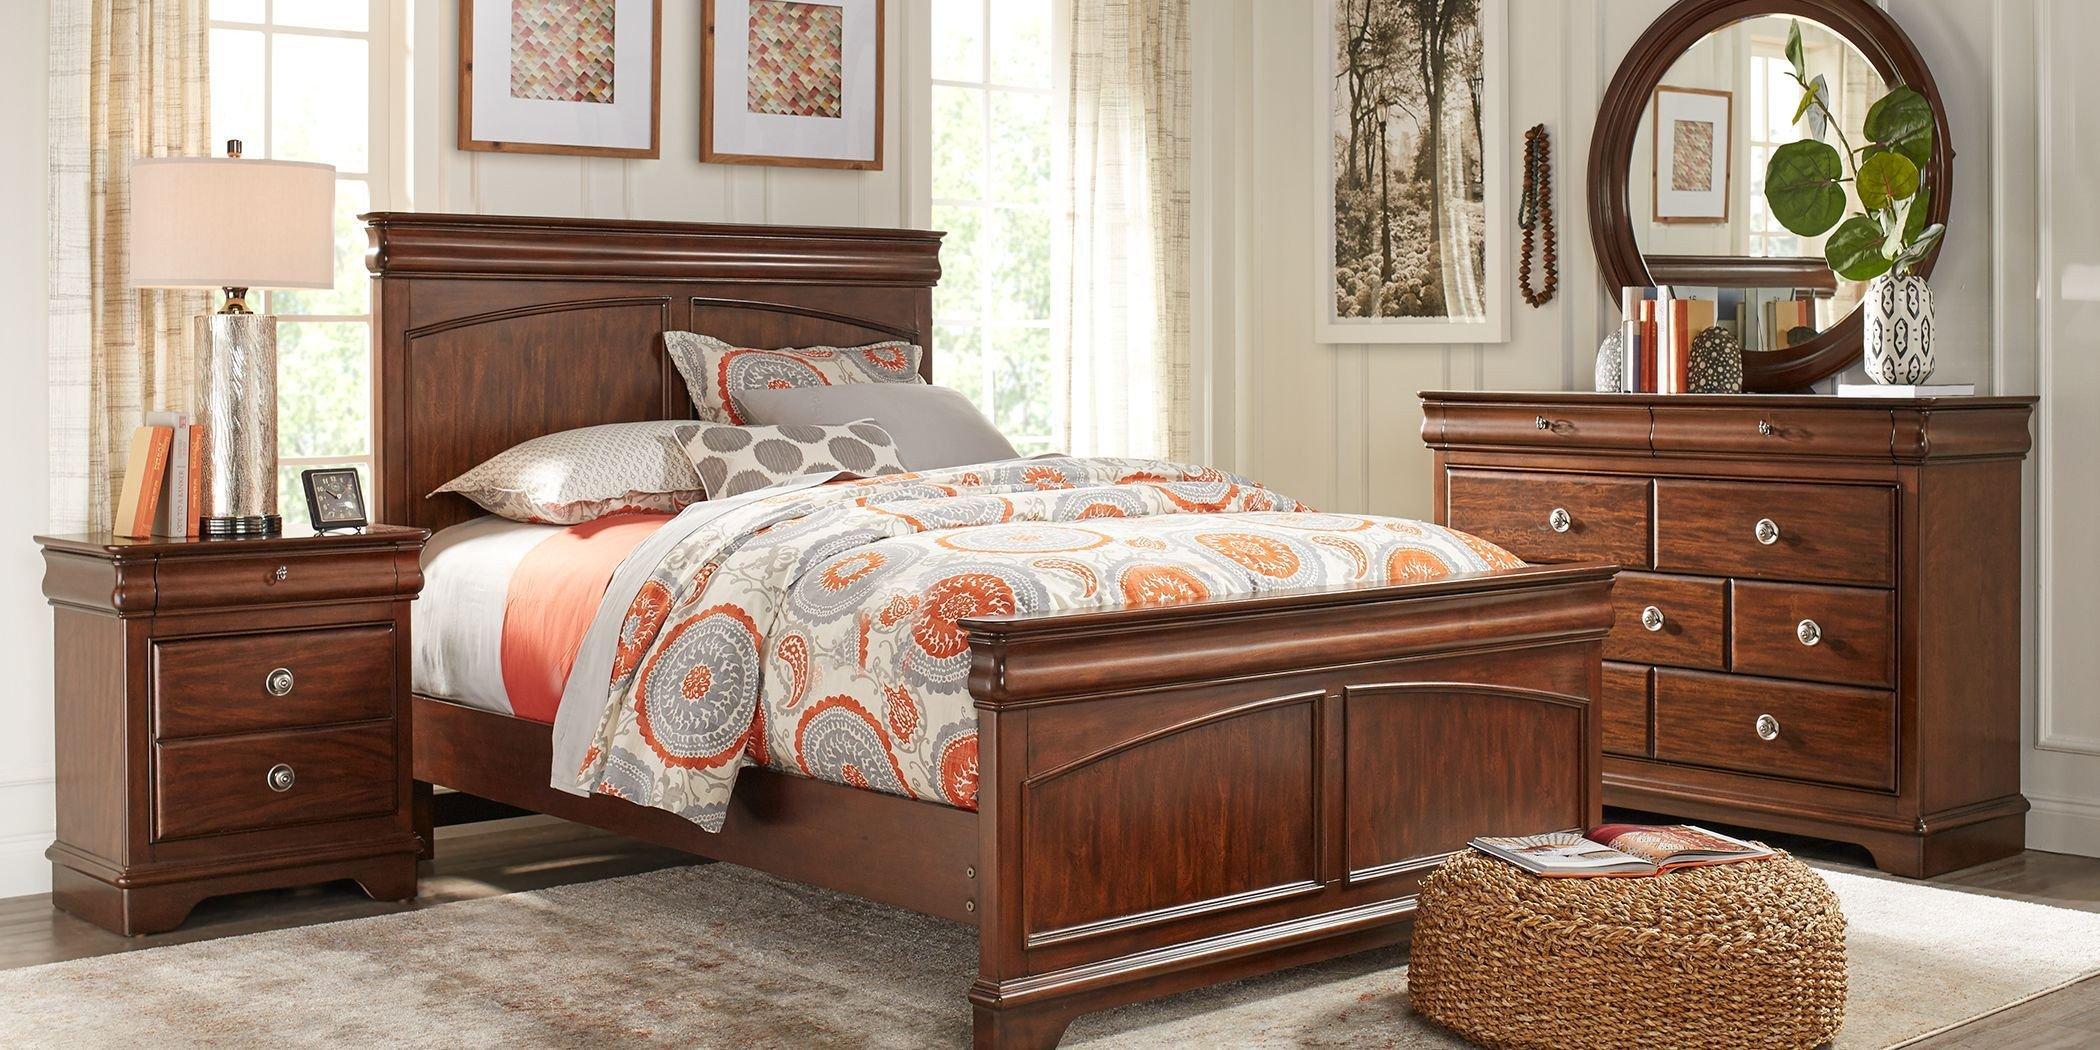 Rooms to Go Girl Bedroom Set Elegant Kids Oberon Cherry 5 Pc Twin Panel Bedroom In 2019